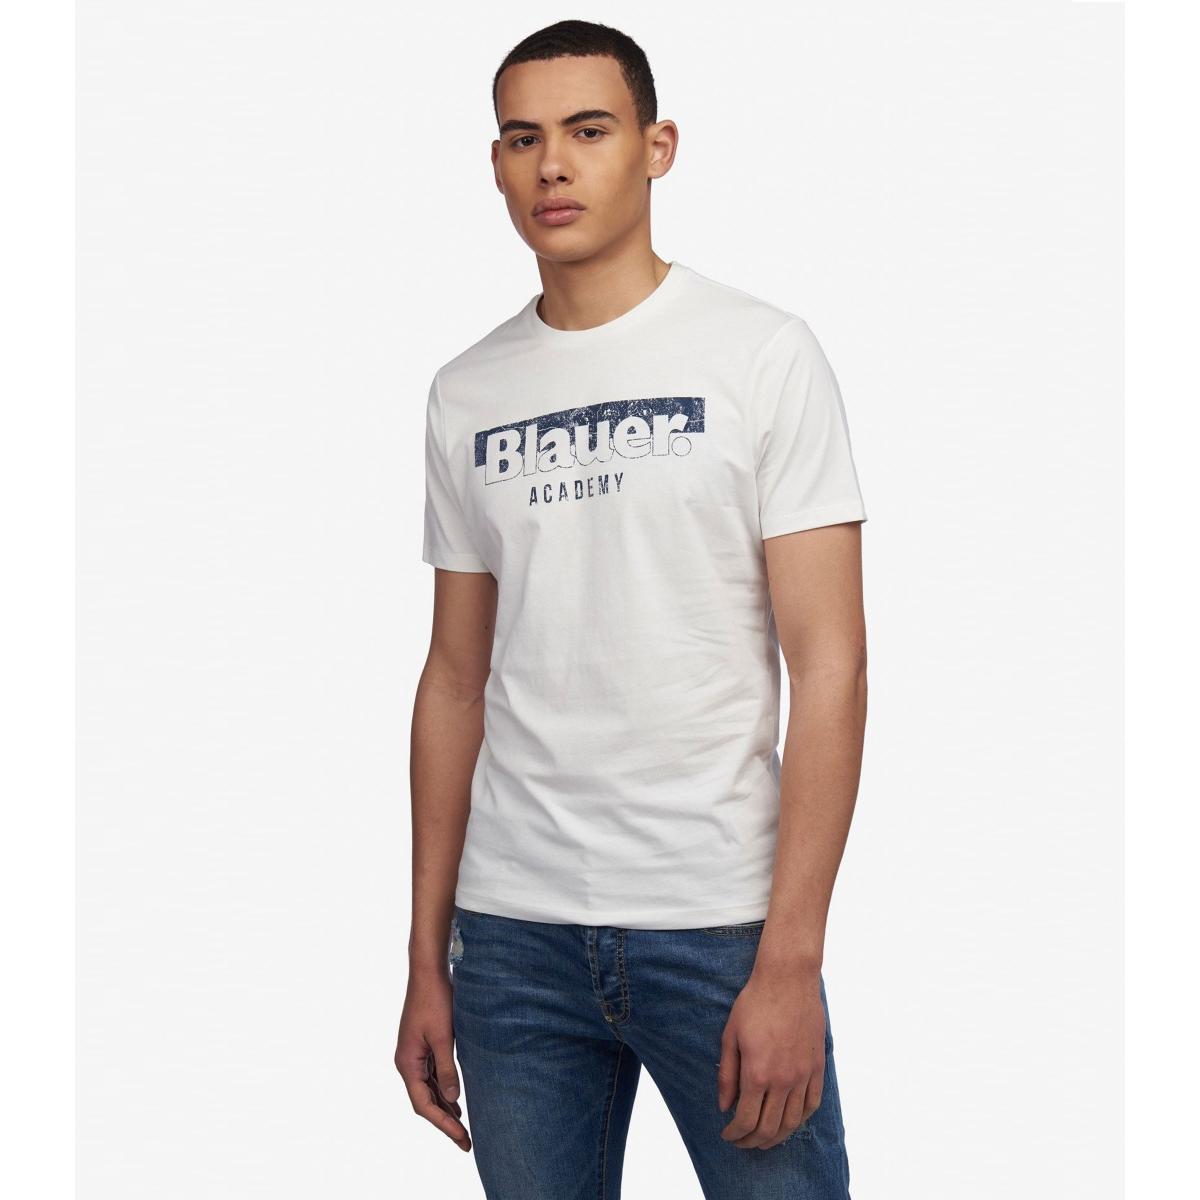 T-shirt Blauer USA Academy con stampa sul petto da uomo rif. 19SBLUH02154 004547